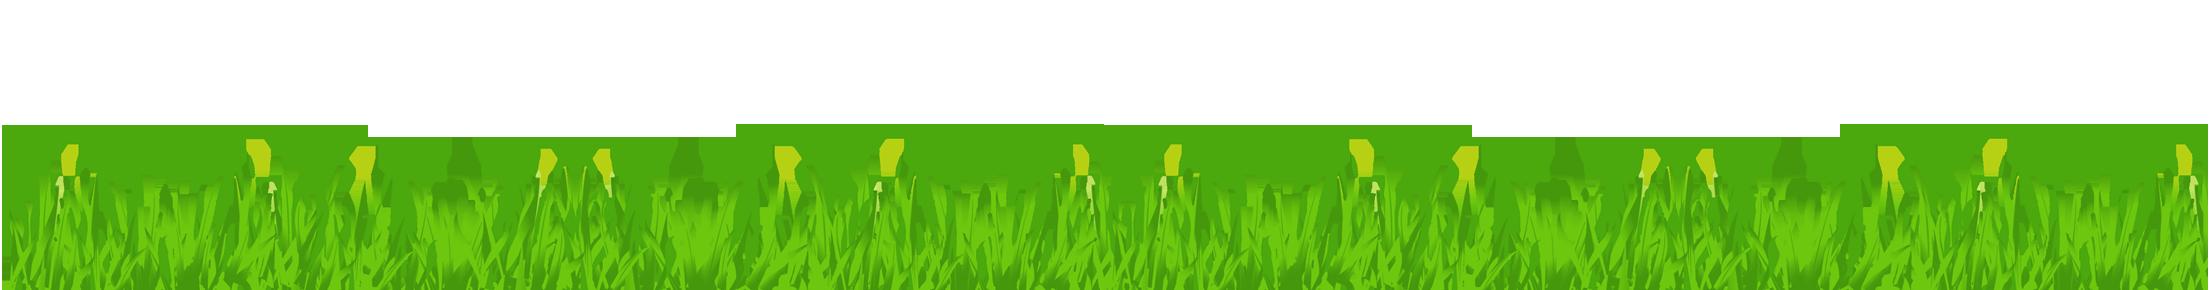 Grass PNG Clipart.